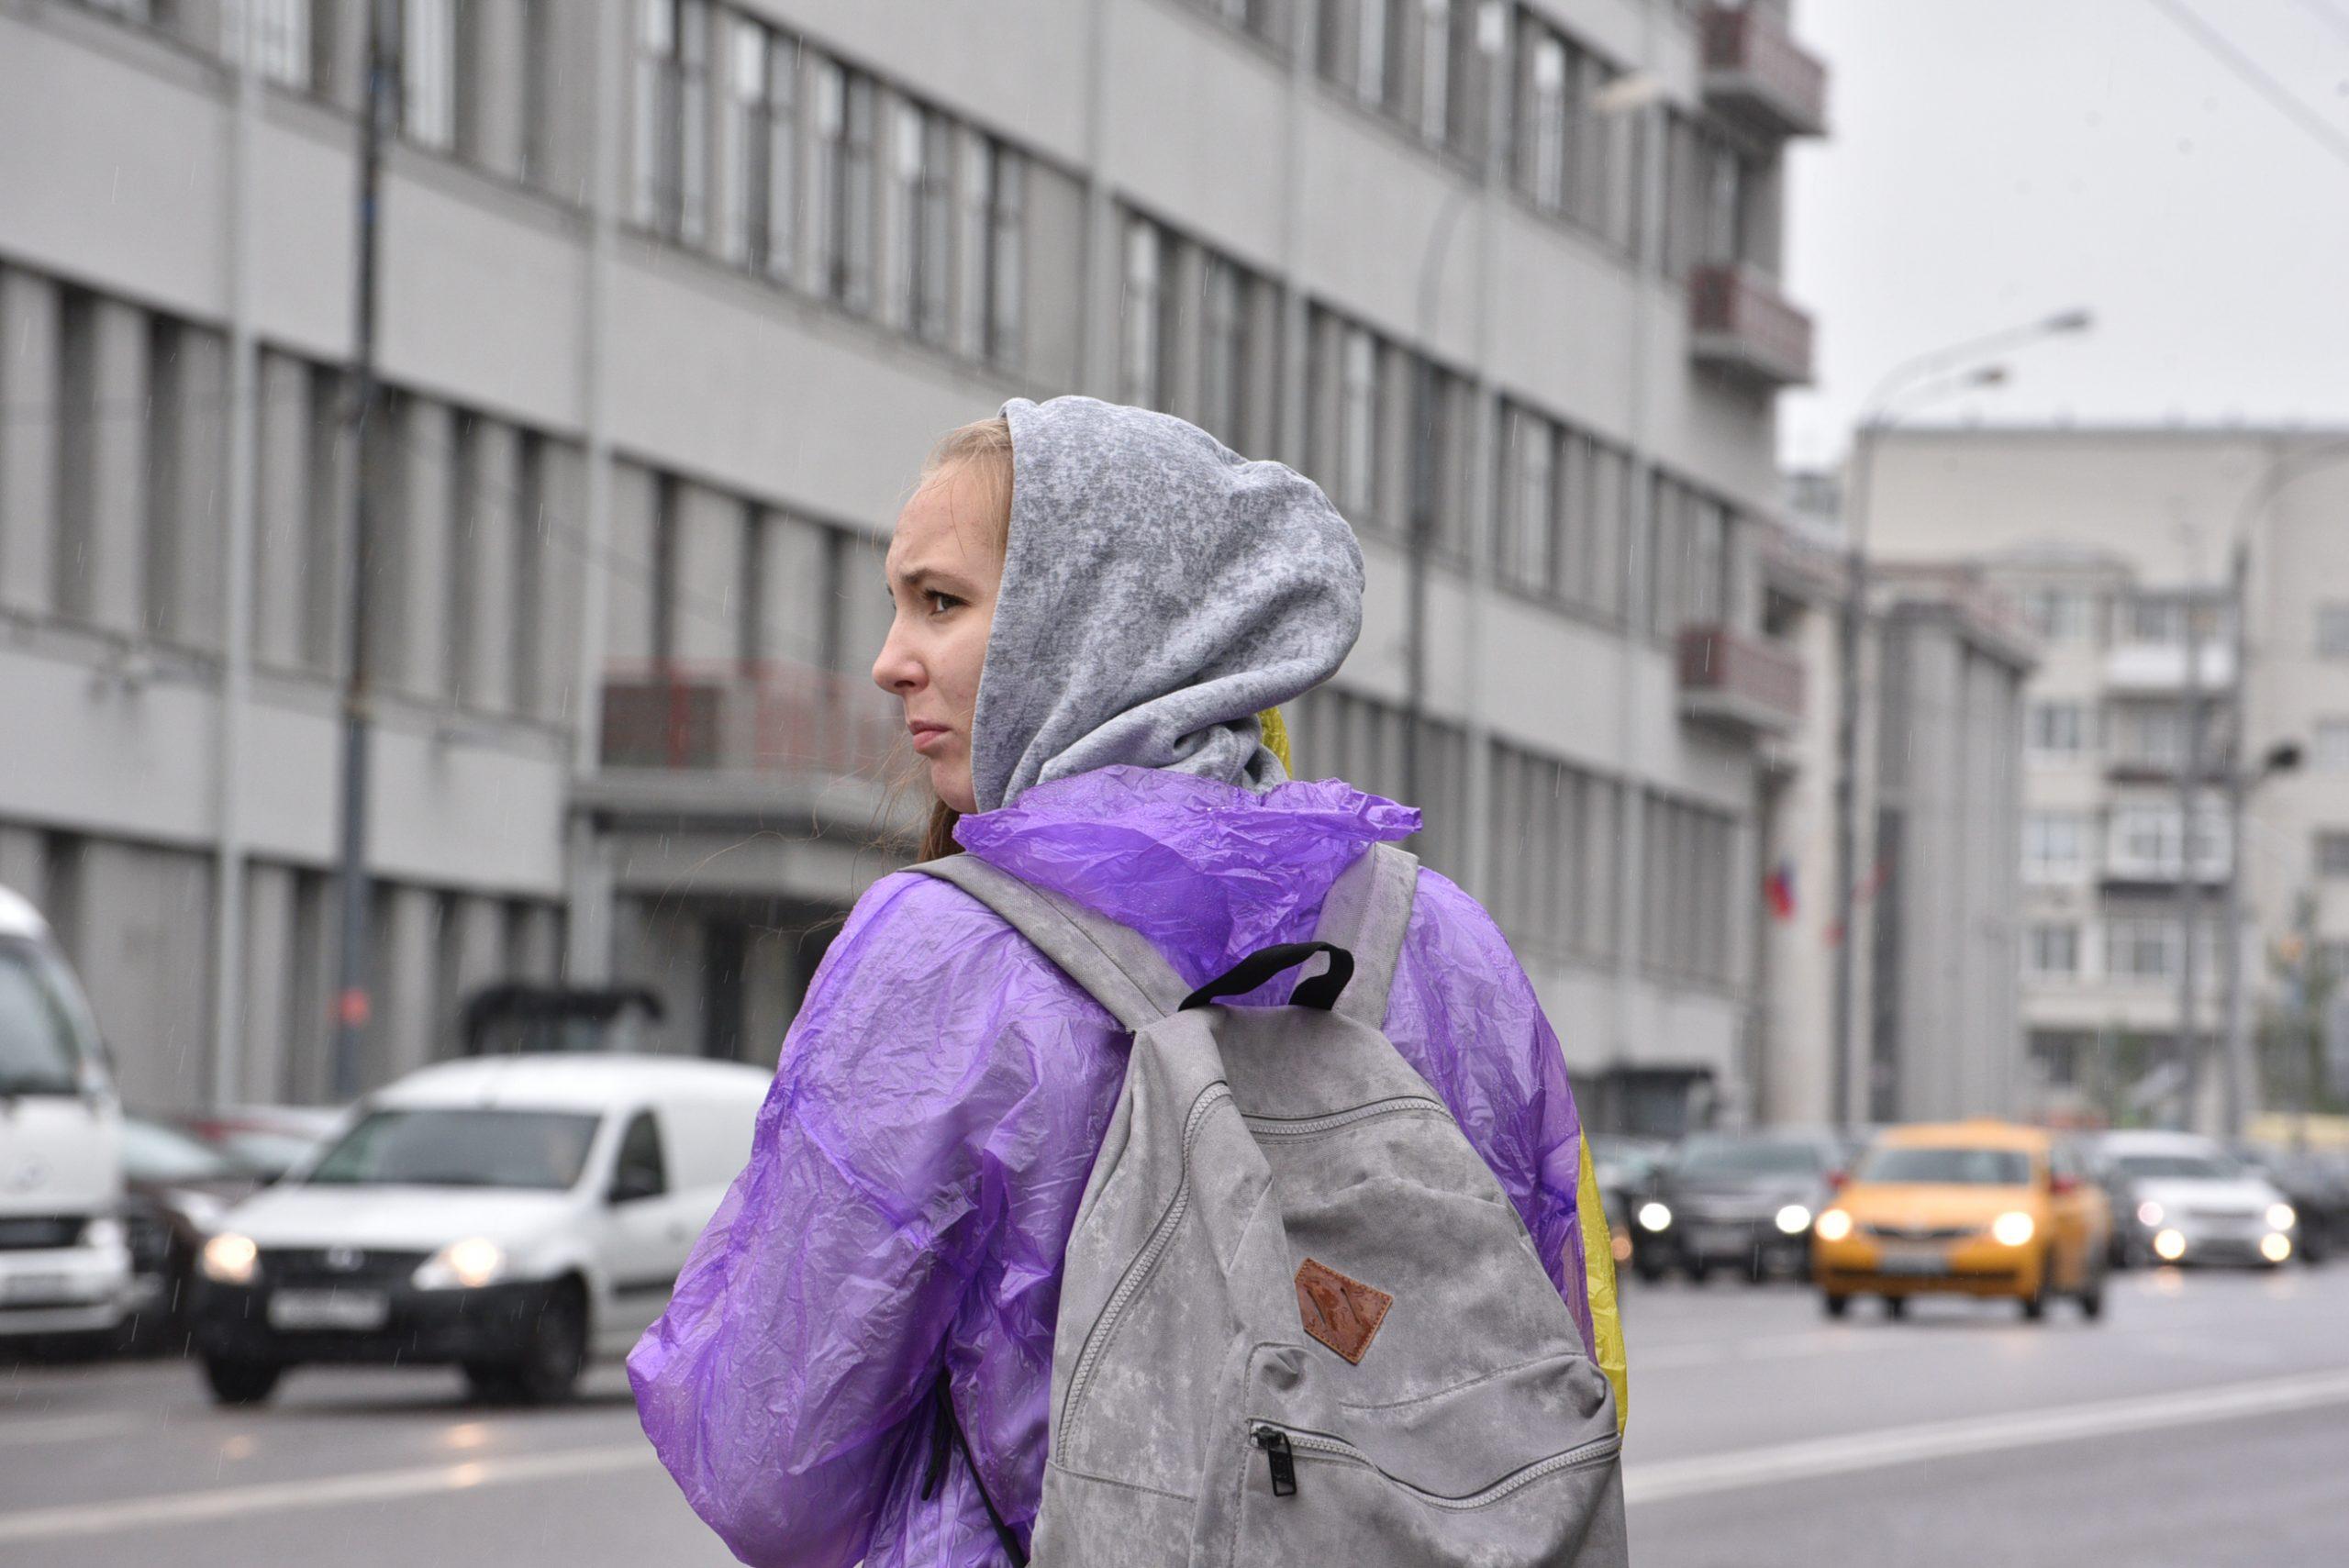 Компанию ему составит дождь. Фото: Пелагия Замятина